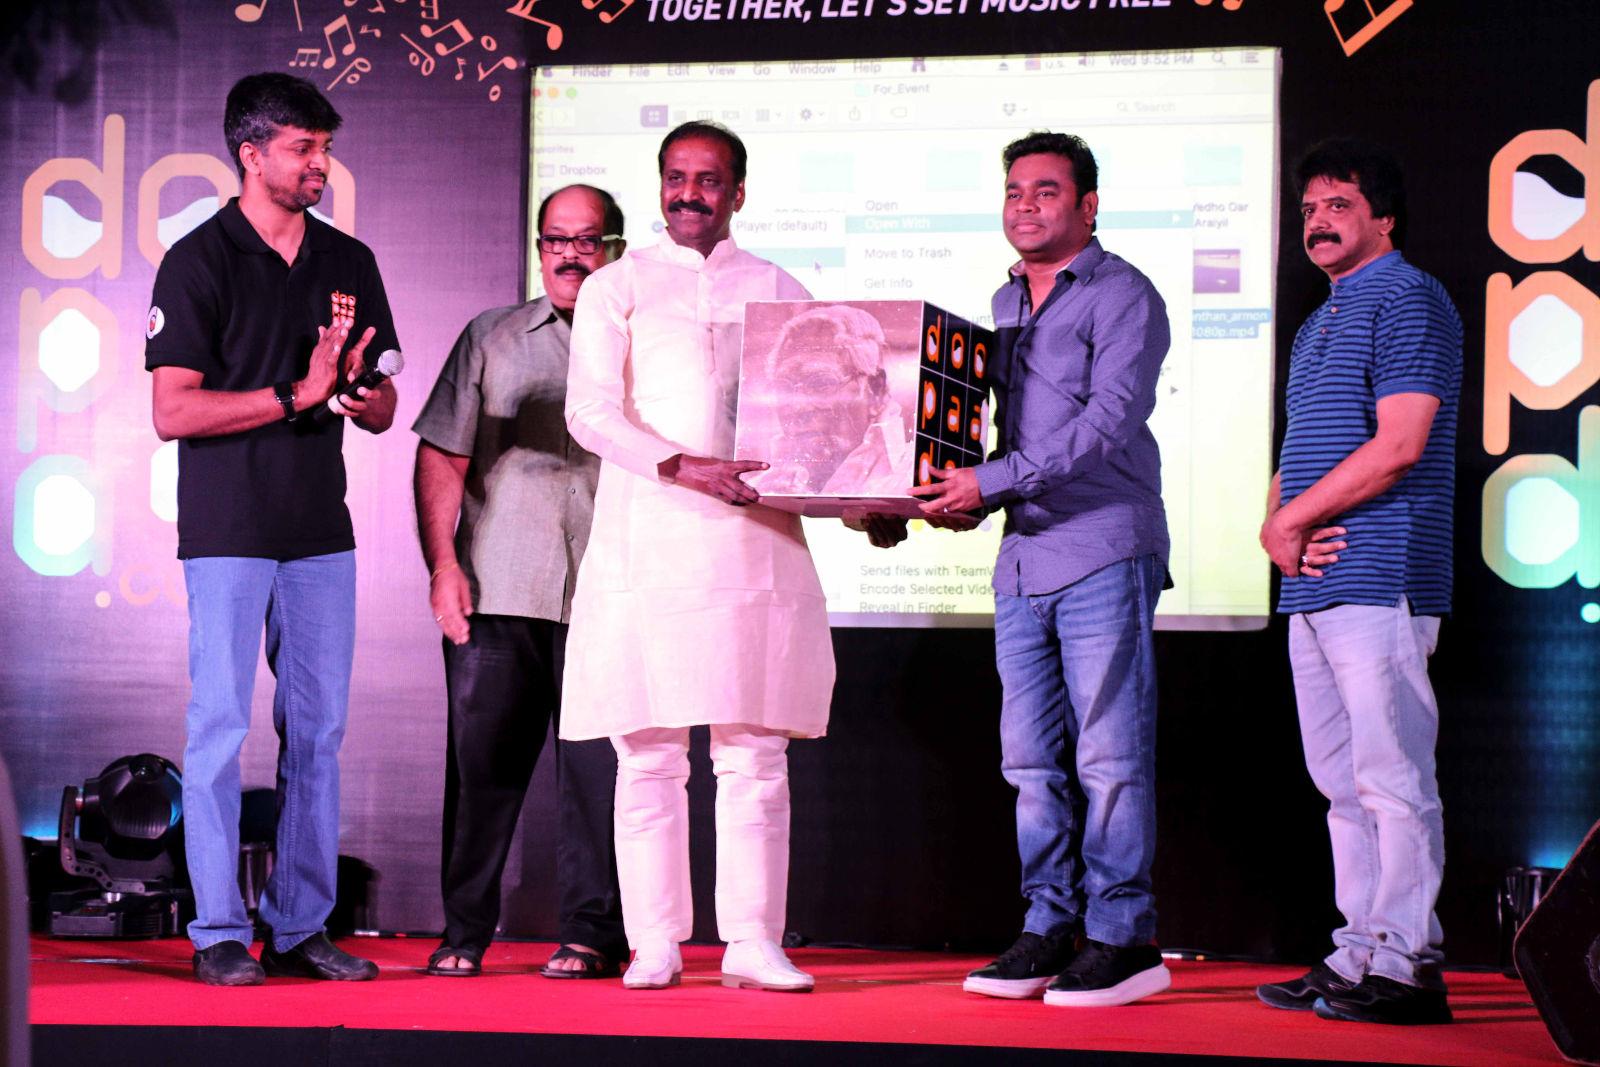 AR Rahman & Vairamuthu launched Doopaadoo